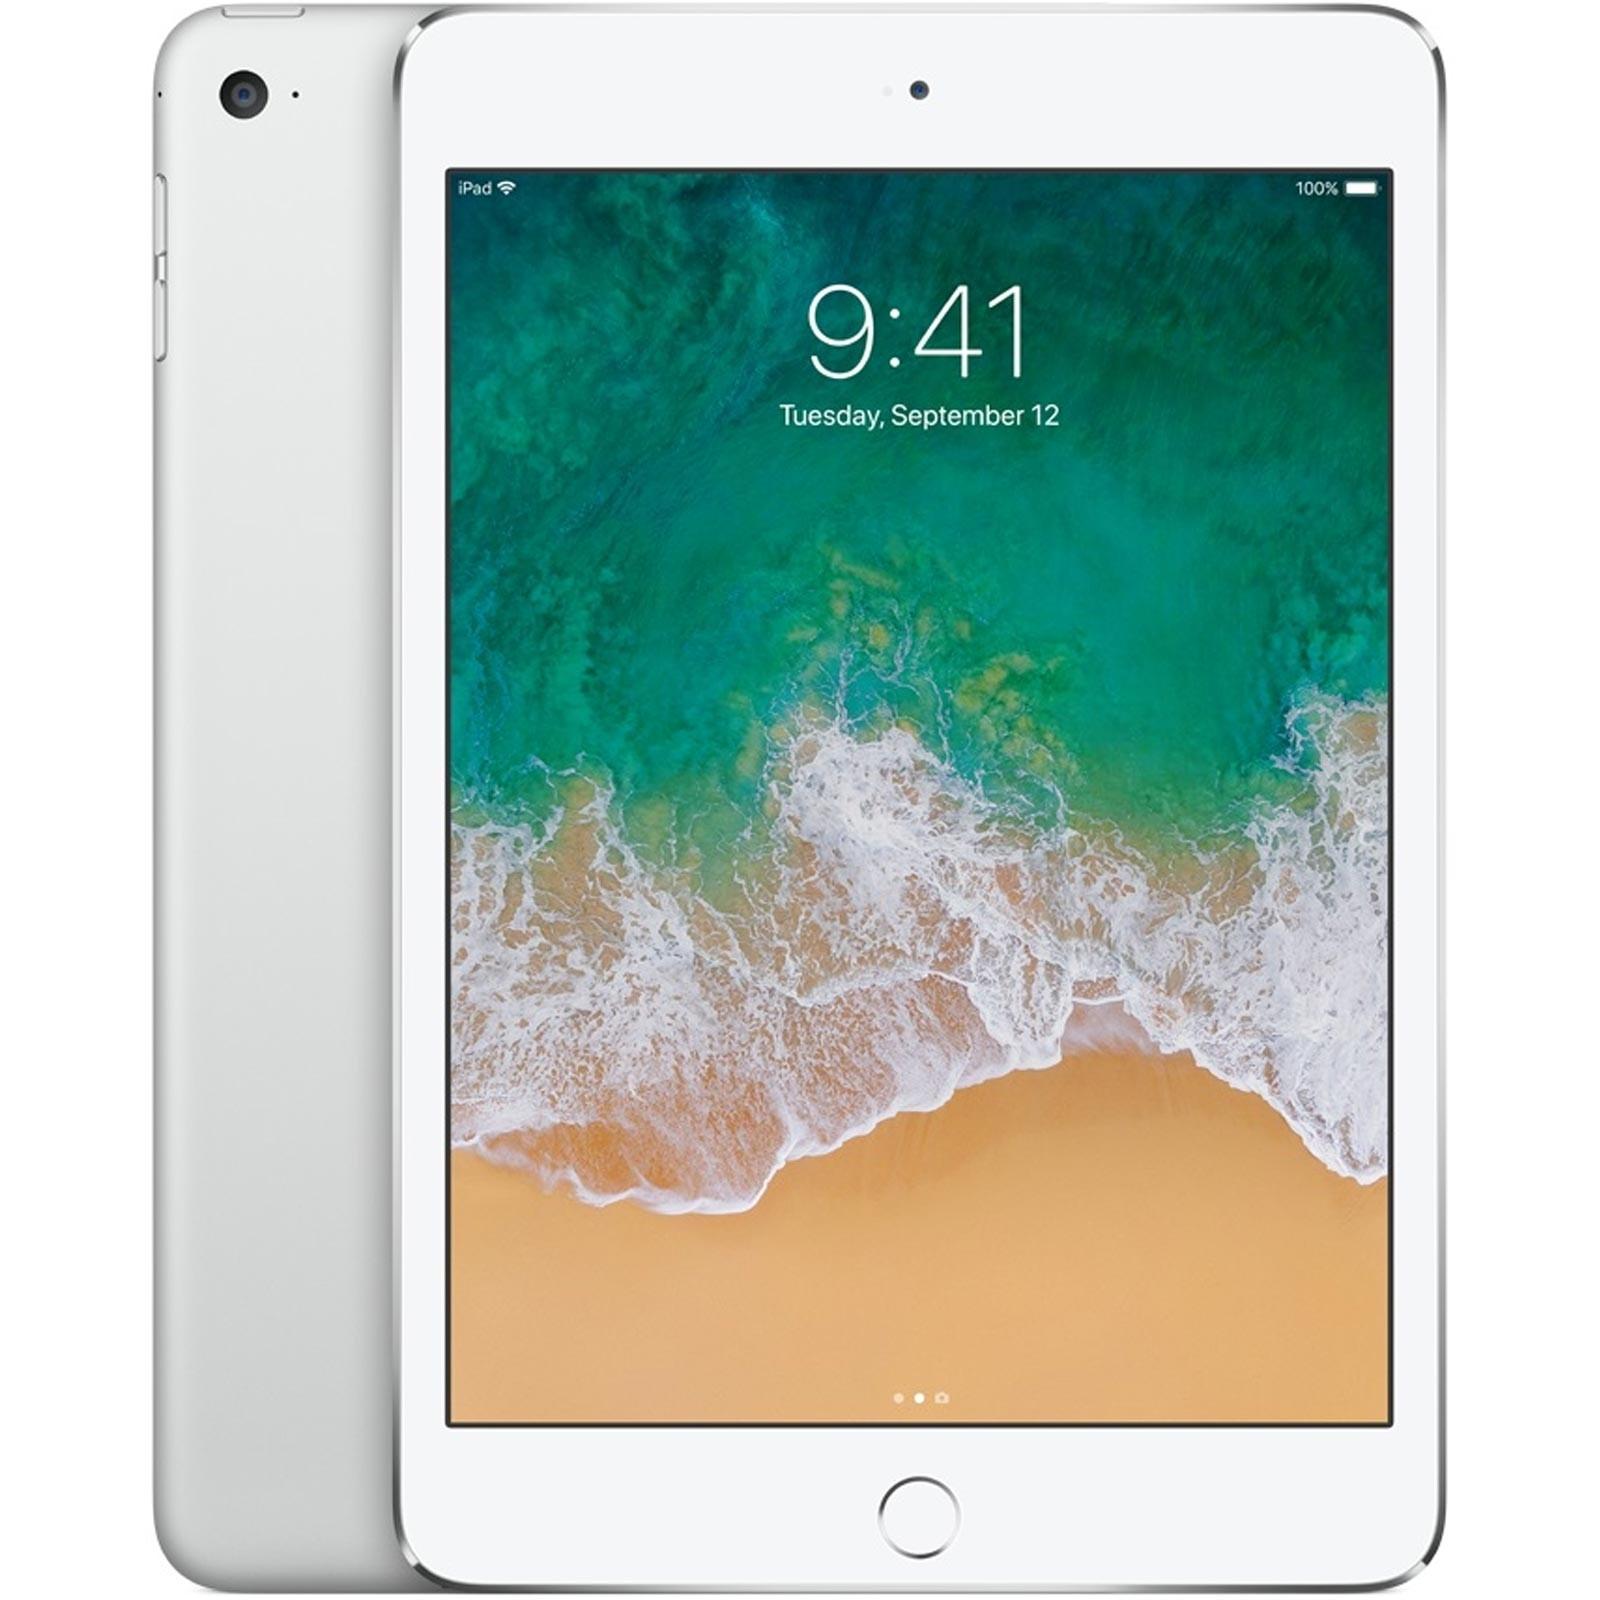 APPLE iPad Mini Wi-Fi 16GB Silver   A1432 ME279ZP/A   A+  - 1